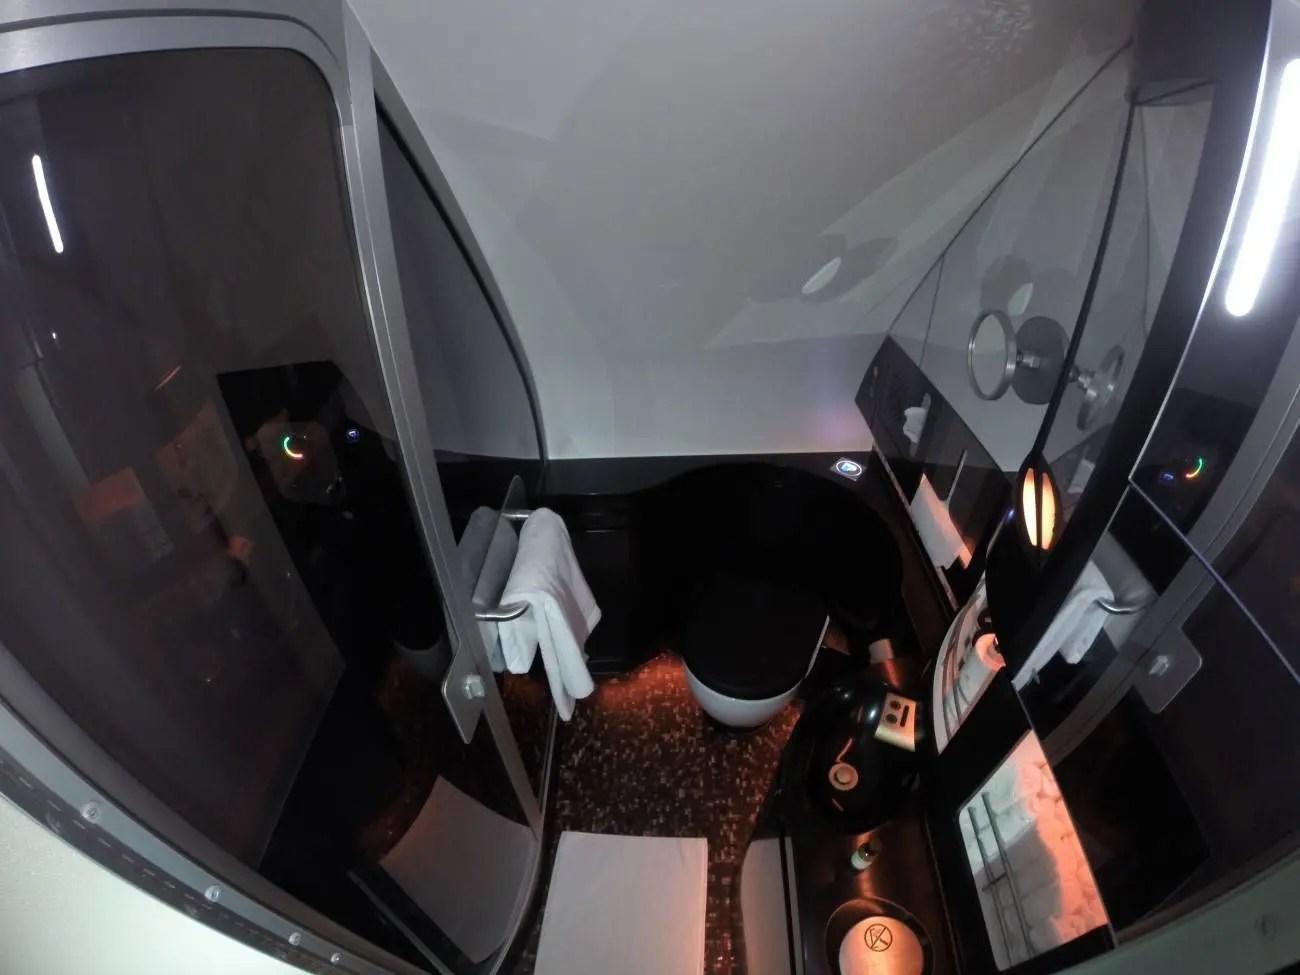 first-class-apartment-a380-etihad-passageirodeprimeira54-1300x975